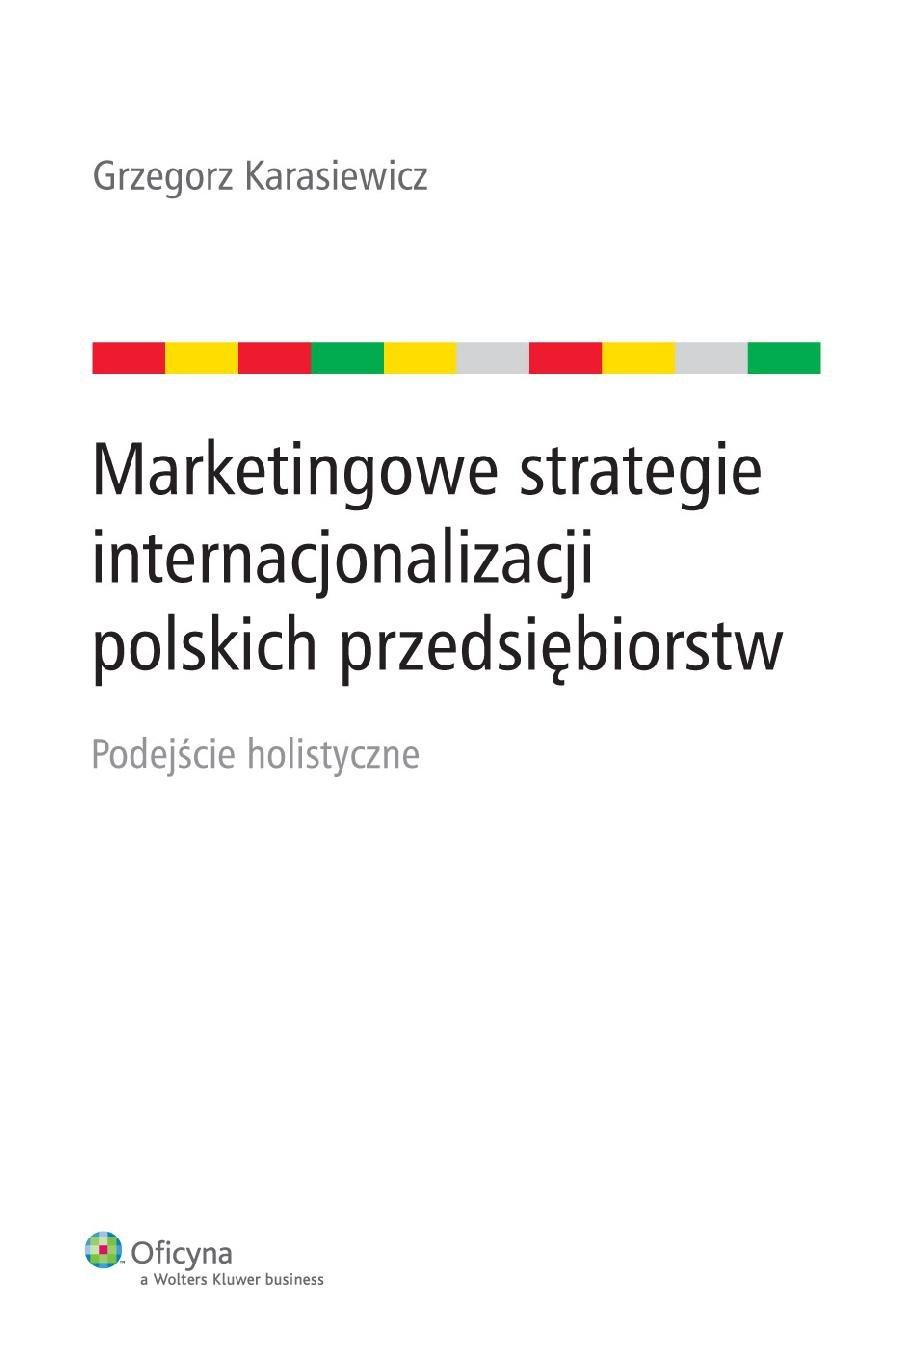 Marketingowe strategie internacjonalizacji polskich przedsiębiorstw. Podejście holistyczne - Ebook (Książka PDF) do pobrania w formacie PDF